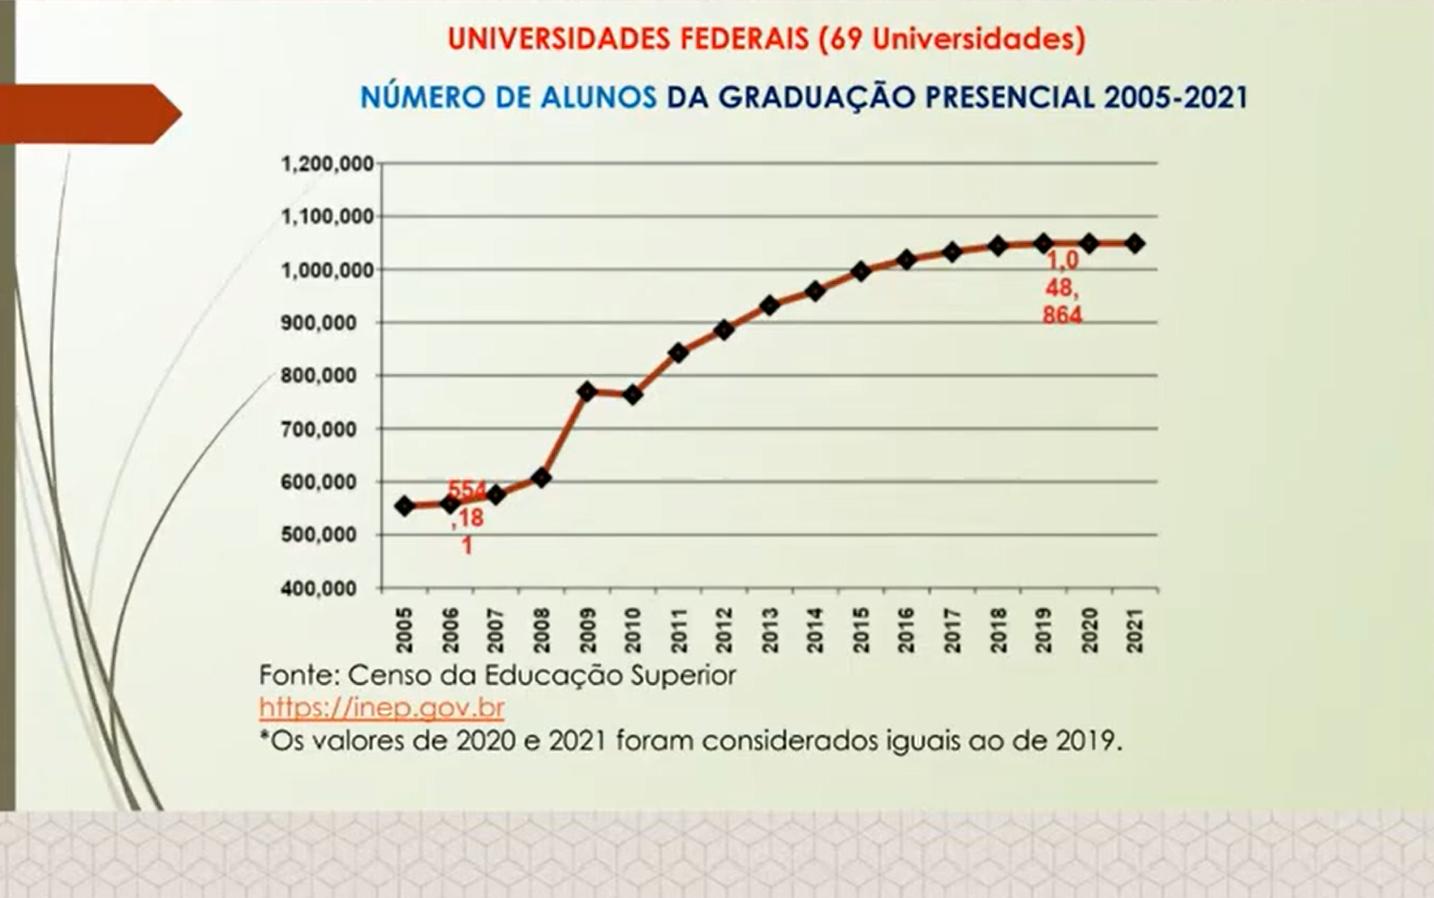 Aumento do número de alunos nas universidades federais: de 554mil em 2005 a pouco mais de 1 milhão em 2021 (Estudo do professor Nelson Amaral/UFG)